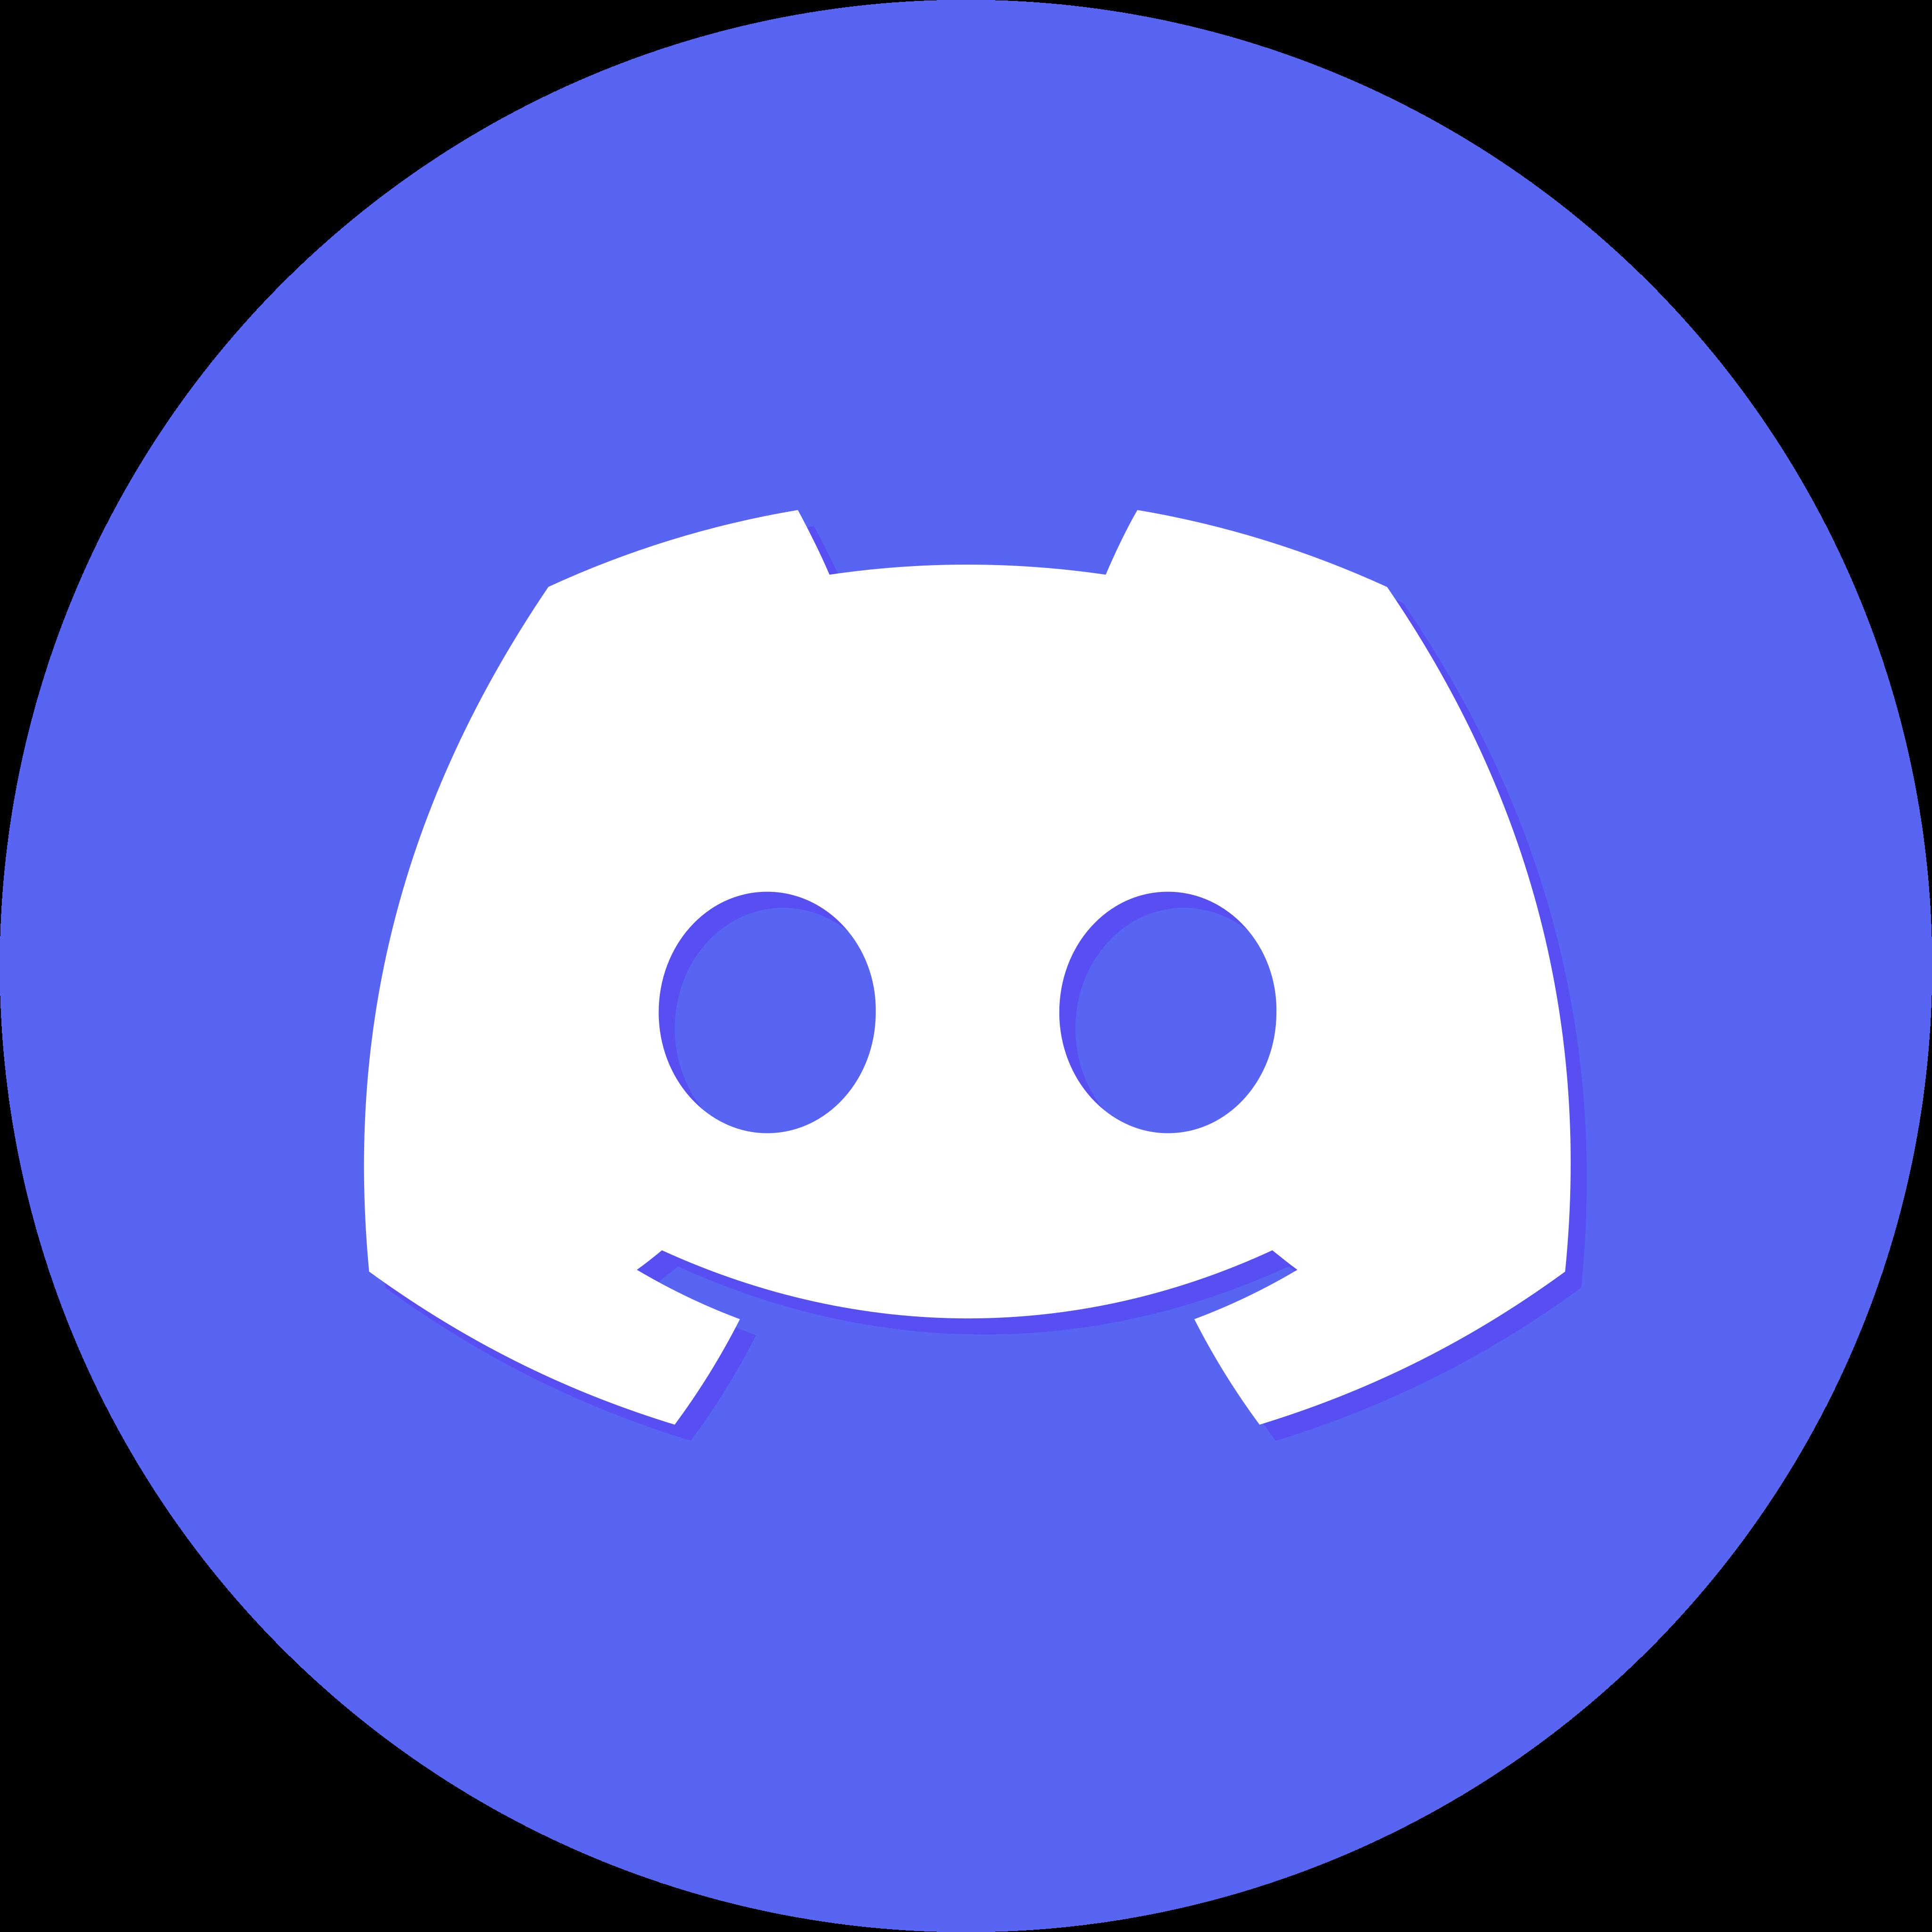 discord logo 1 1 - Discord Logo